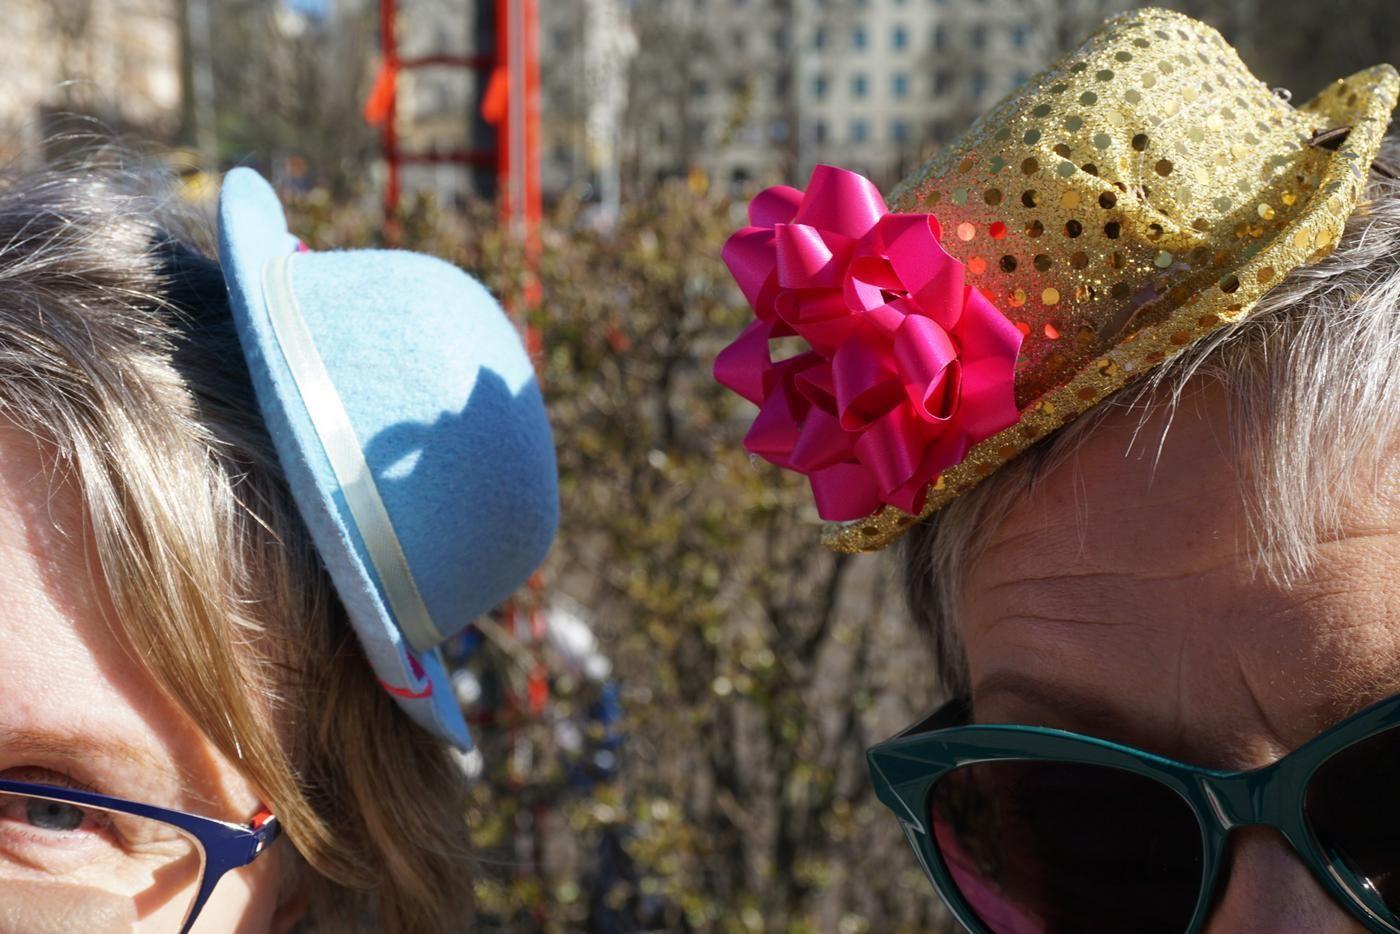 två färggranna och glittriga hattar